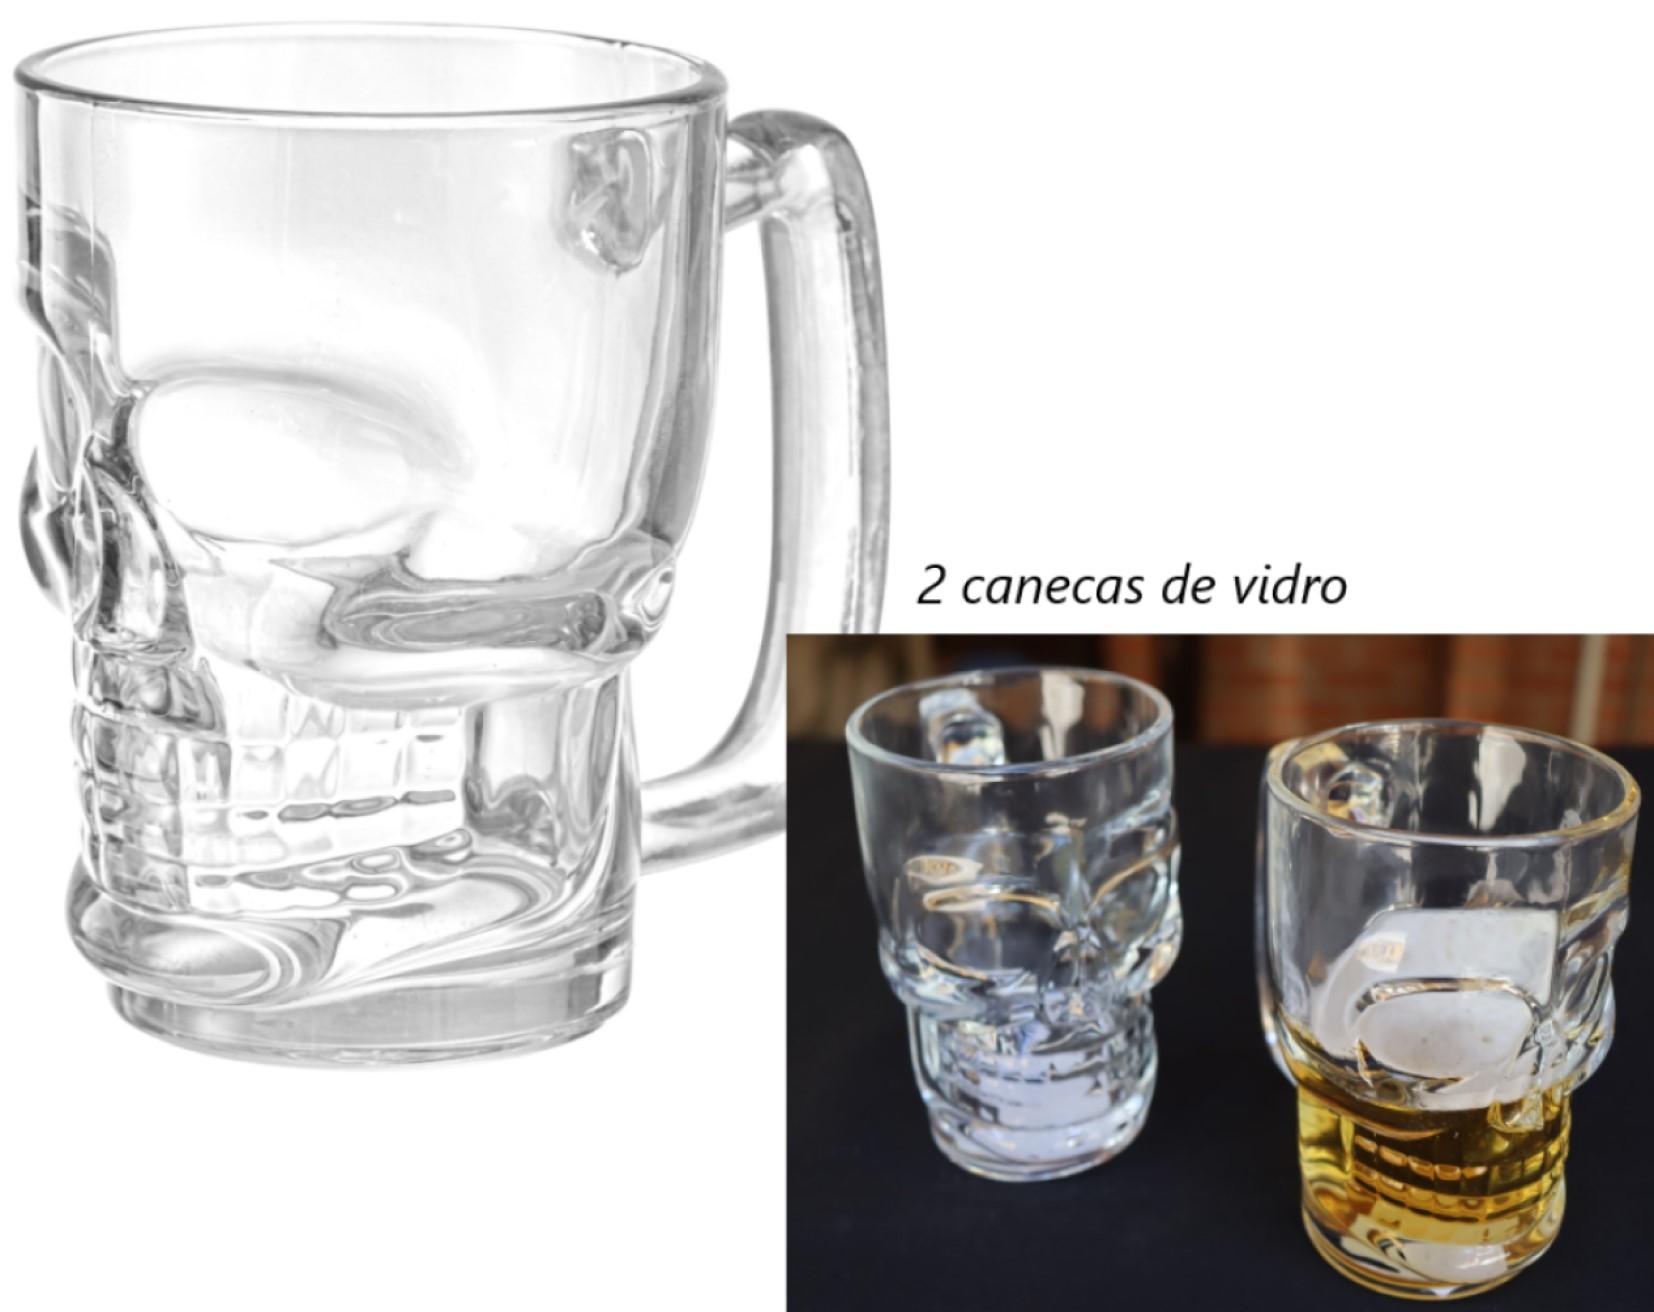 Caneca caveira Transparente de vidro Chop 365mL copo de vidro cerveja 2 unidades